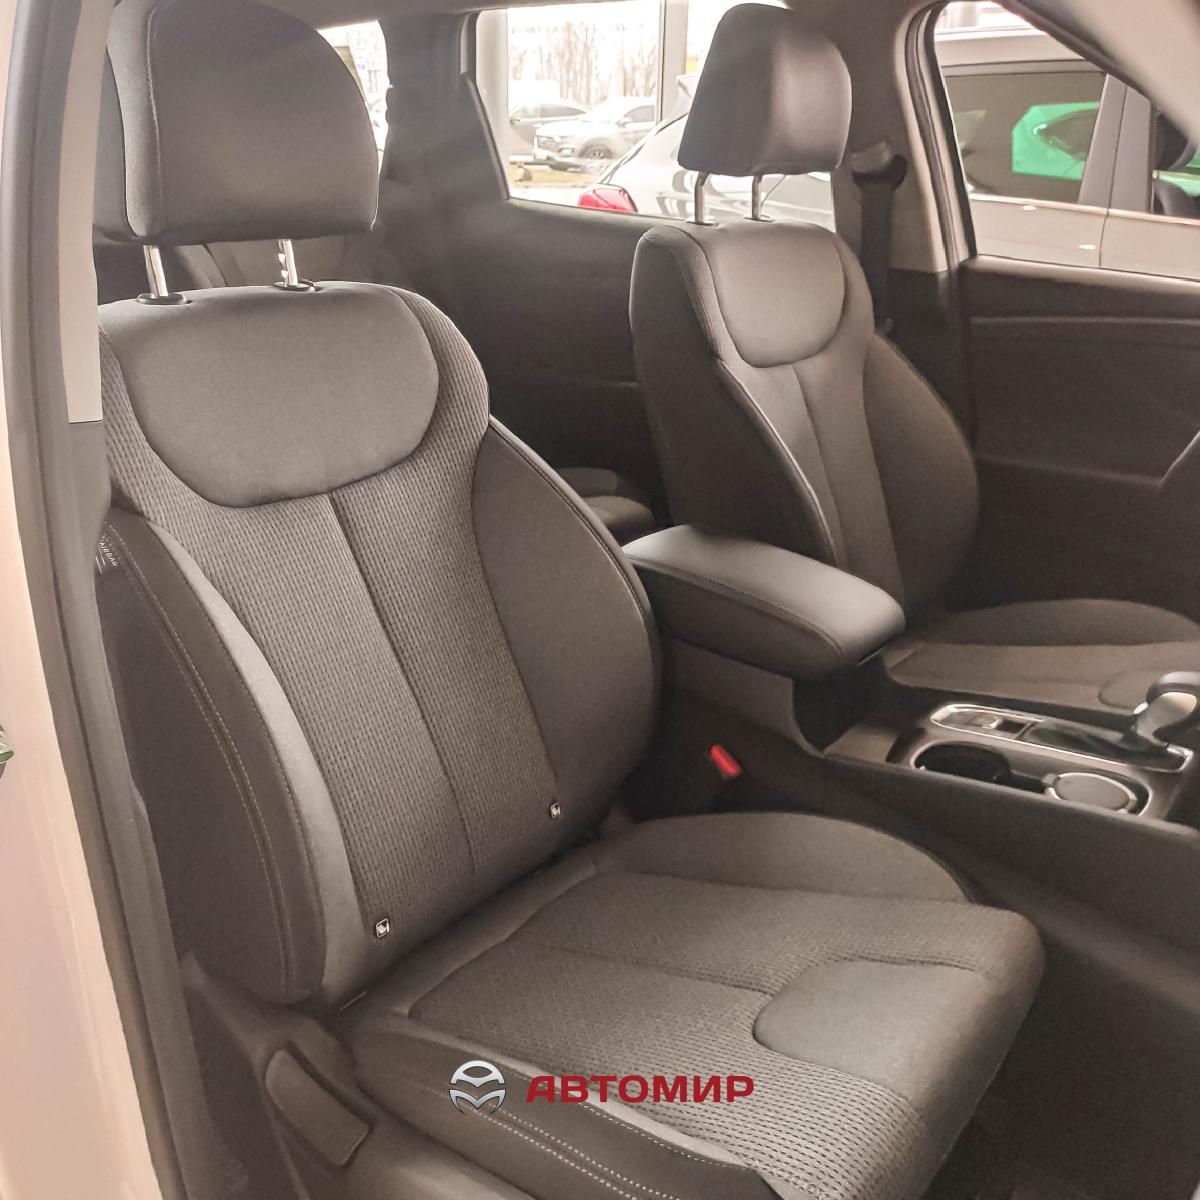 Теплі функції автомобілів Hyundai | Дар-Авто - фото 10